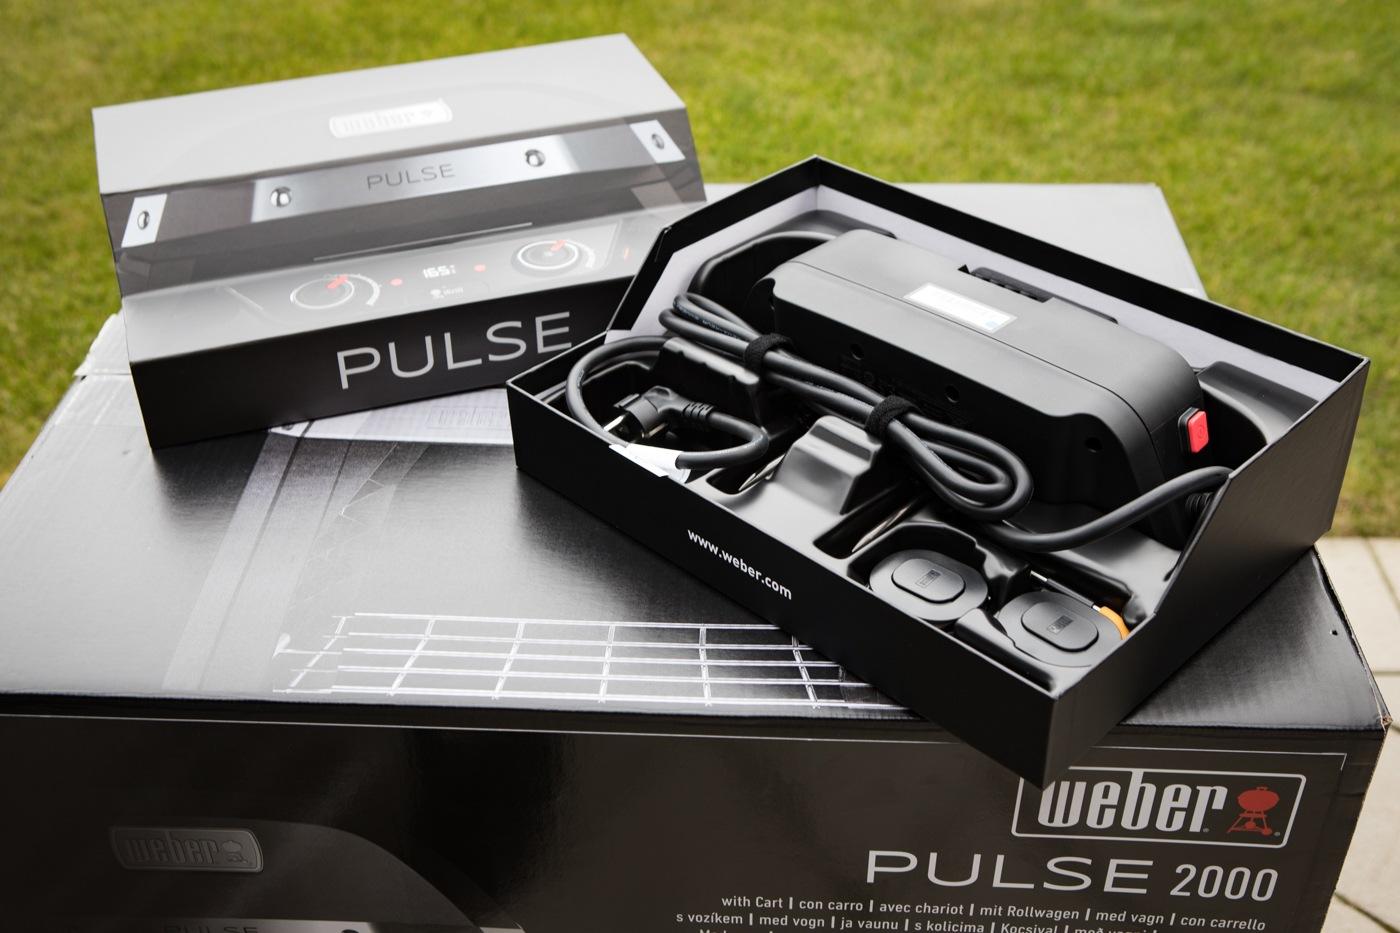 Der Controller des Pulse 2000